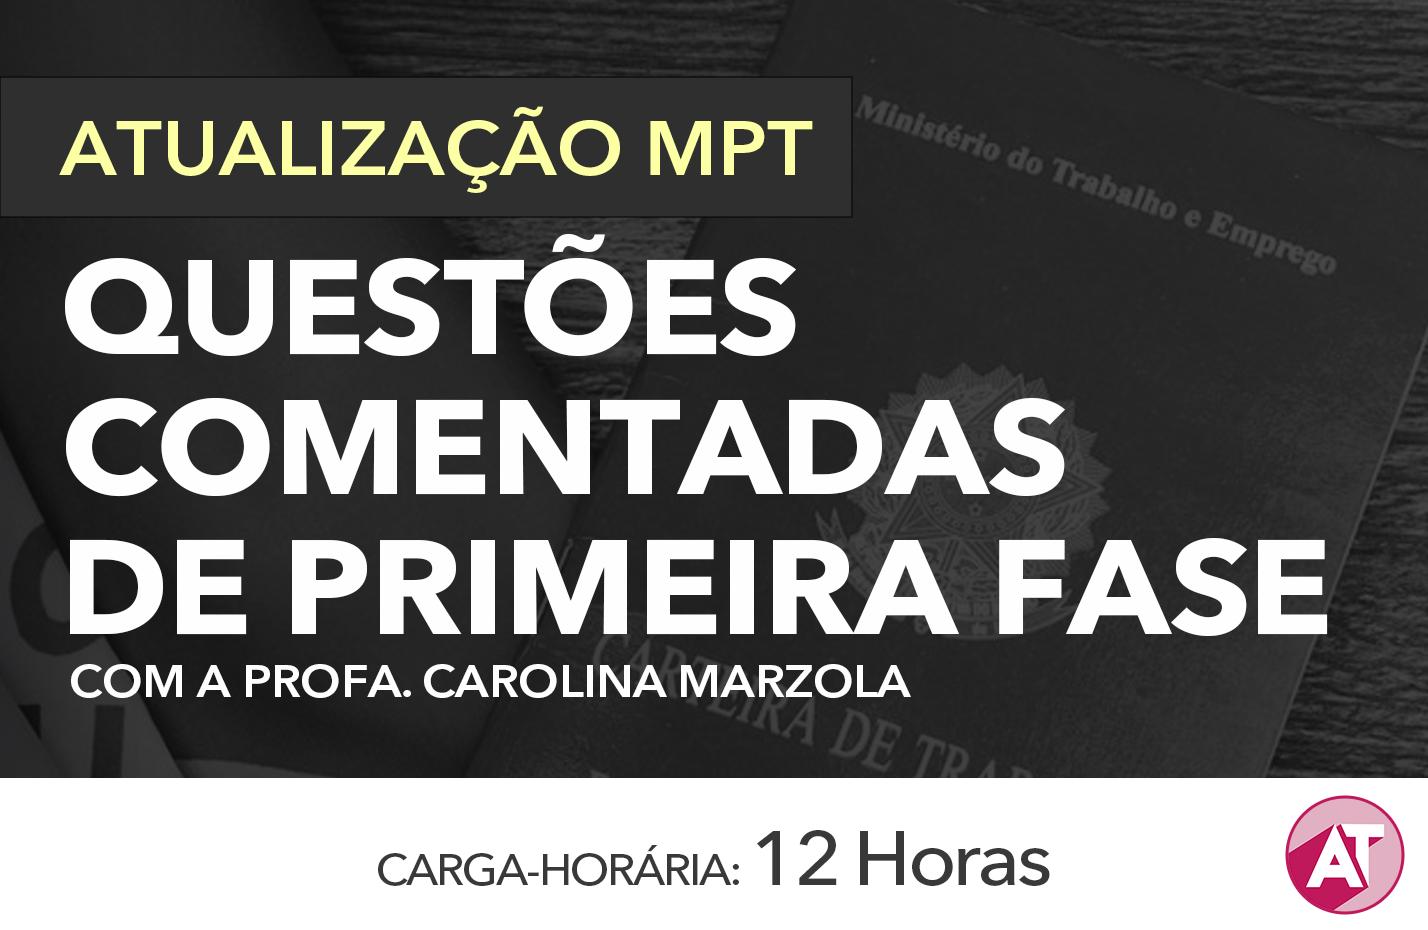 QUESTÕES COMENTADAS DE PRIMEIRA FASE